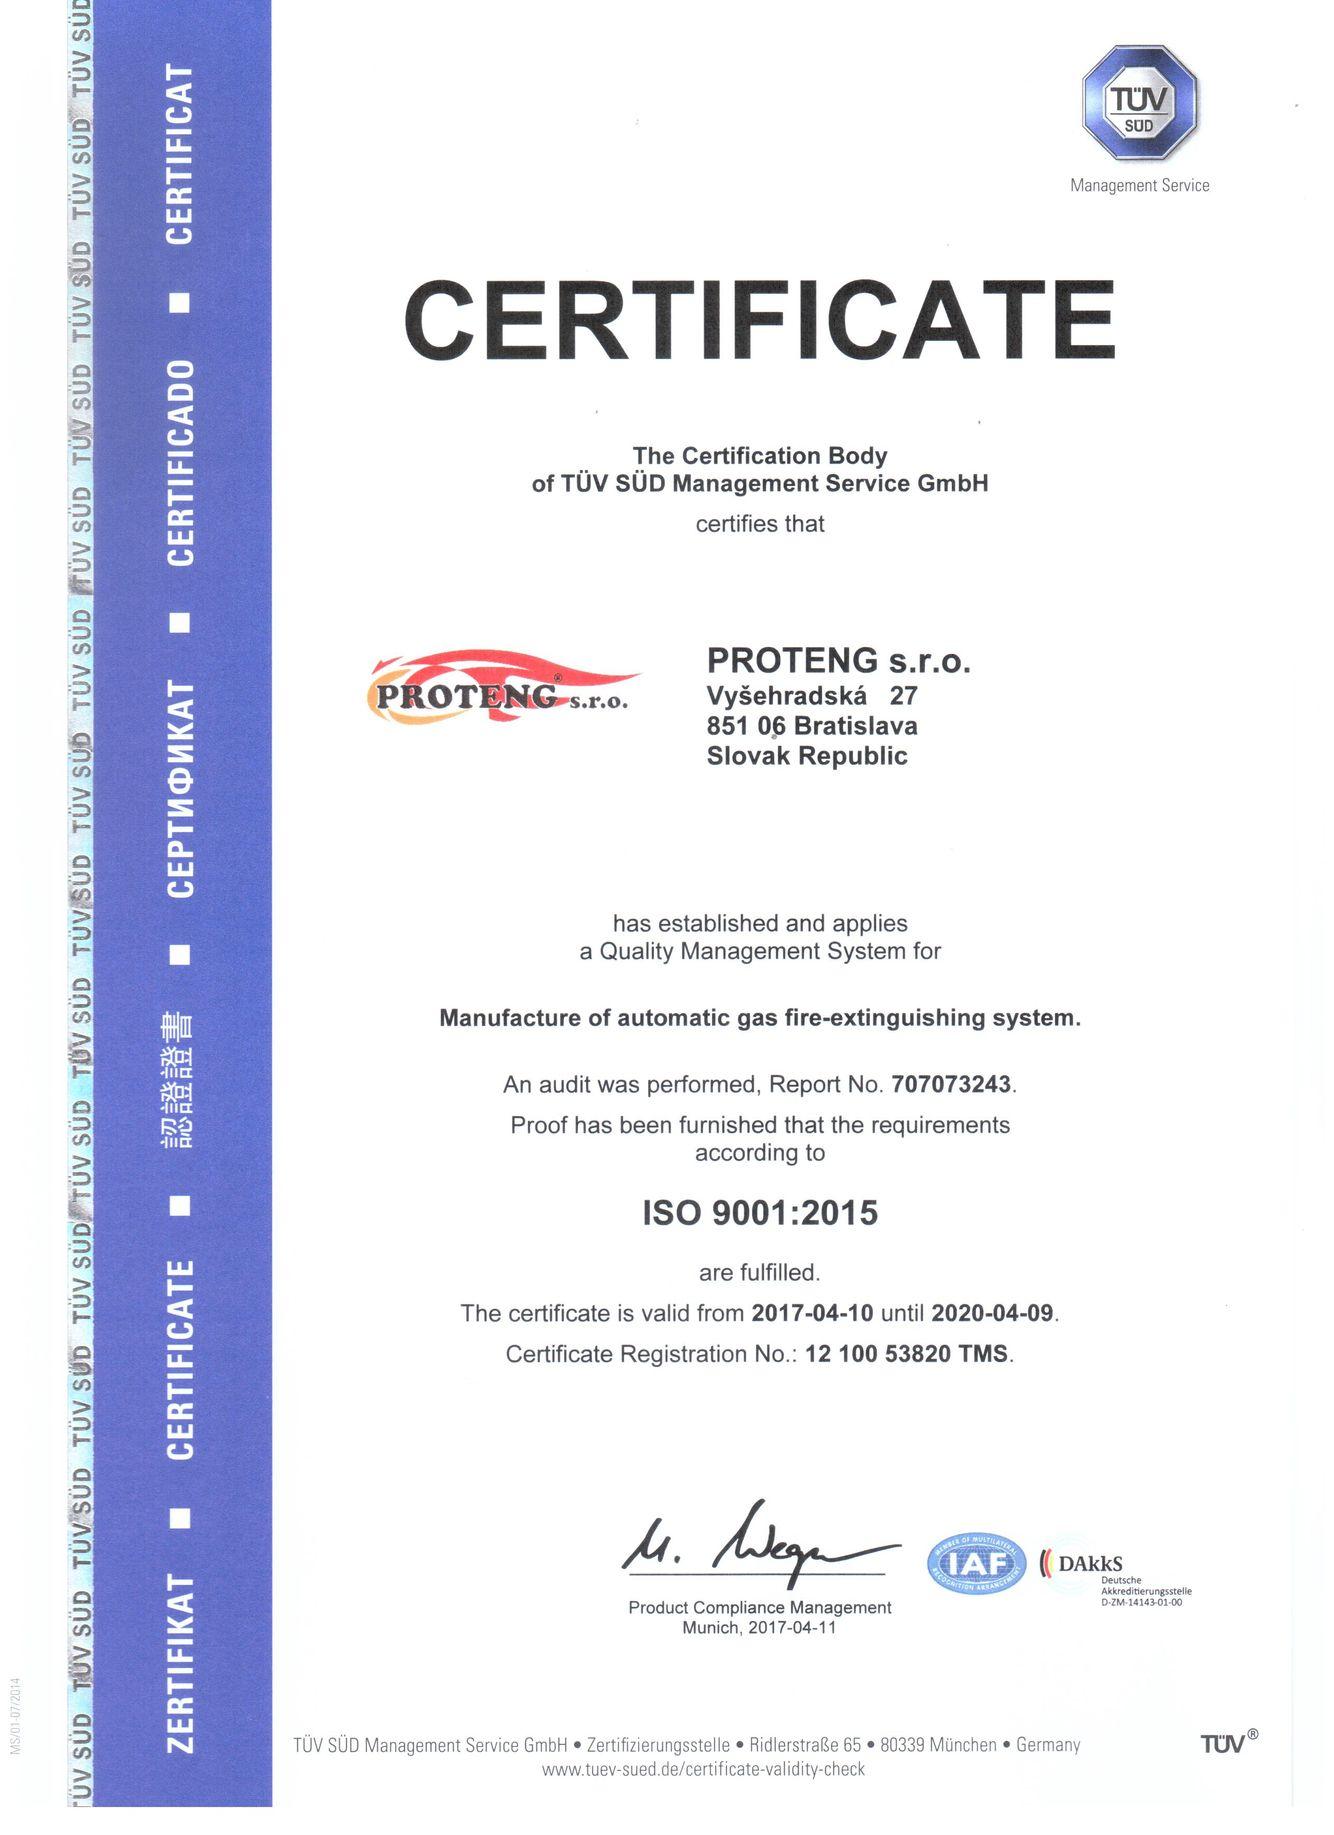 certificate-DE.jpg